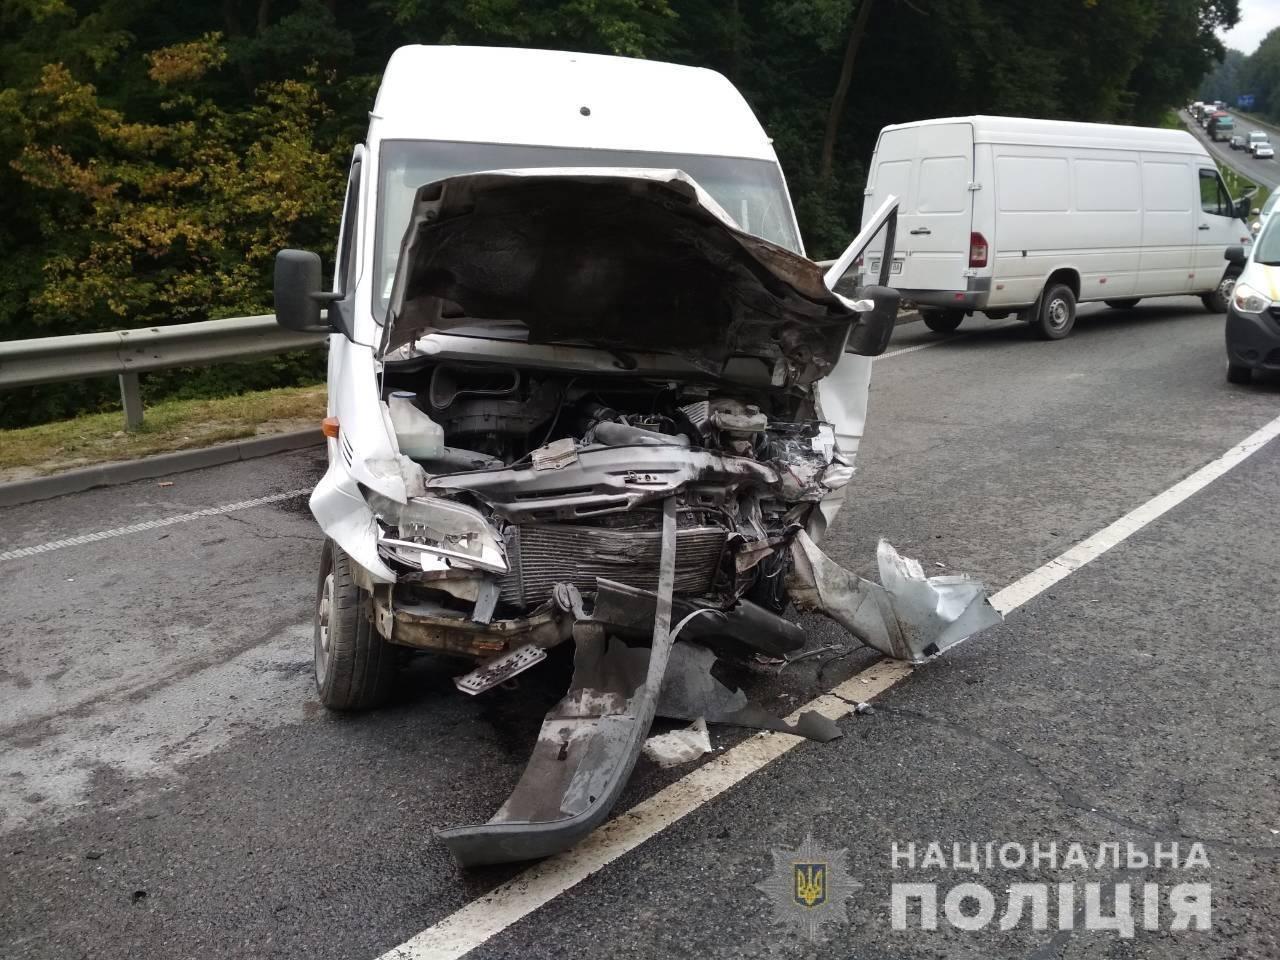 Поблизу Львова сталося моторошне зіткнення двох автомобілів: є постраждалі, - ФОТО, фото-2